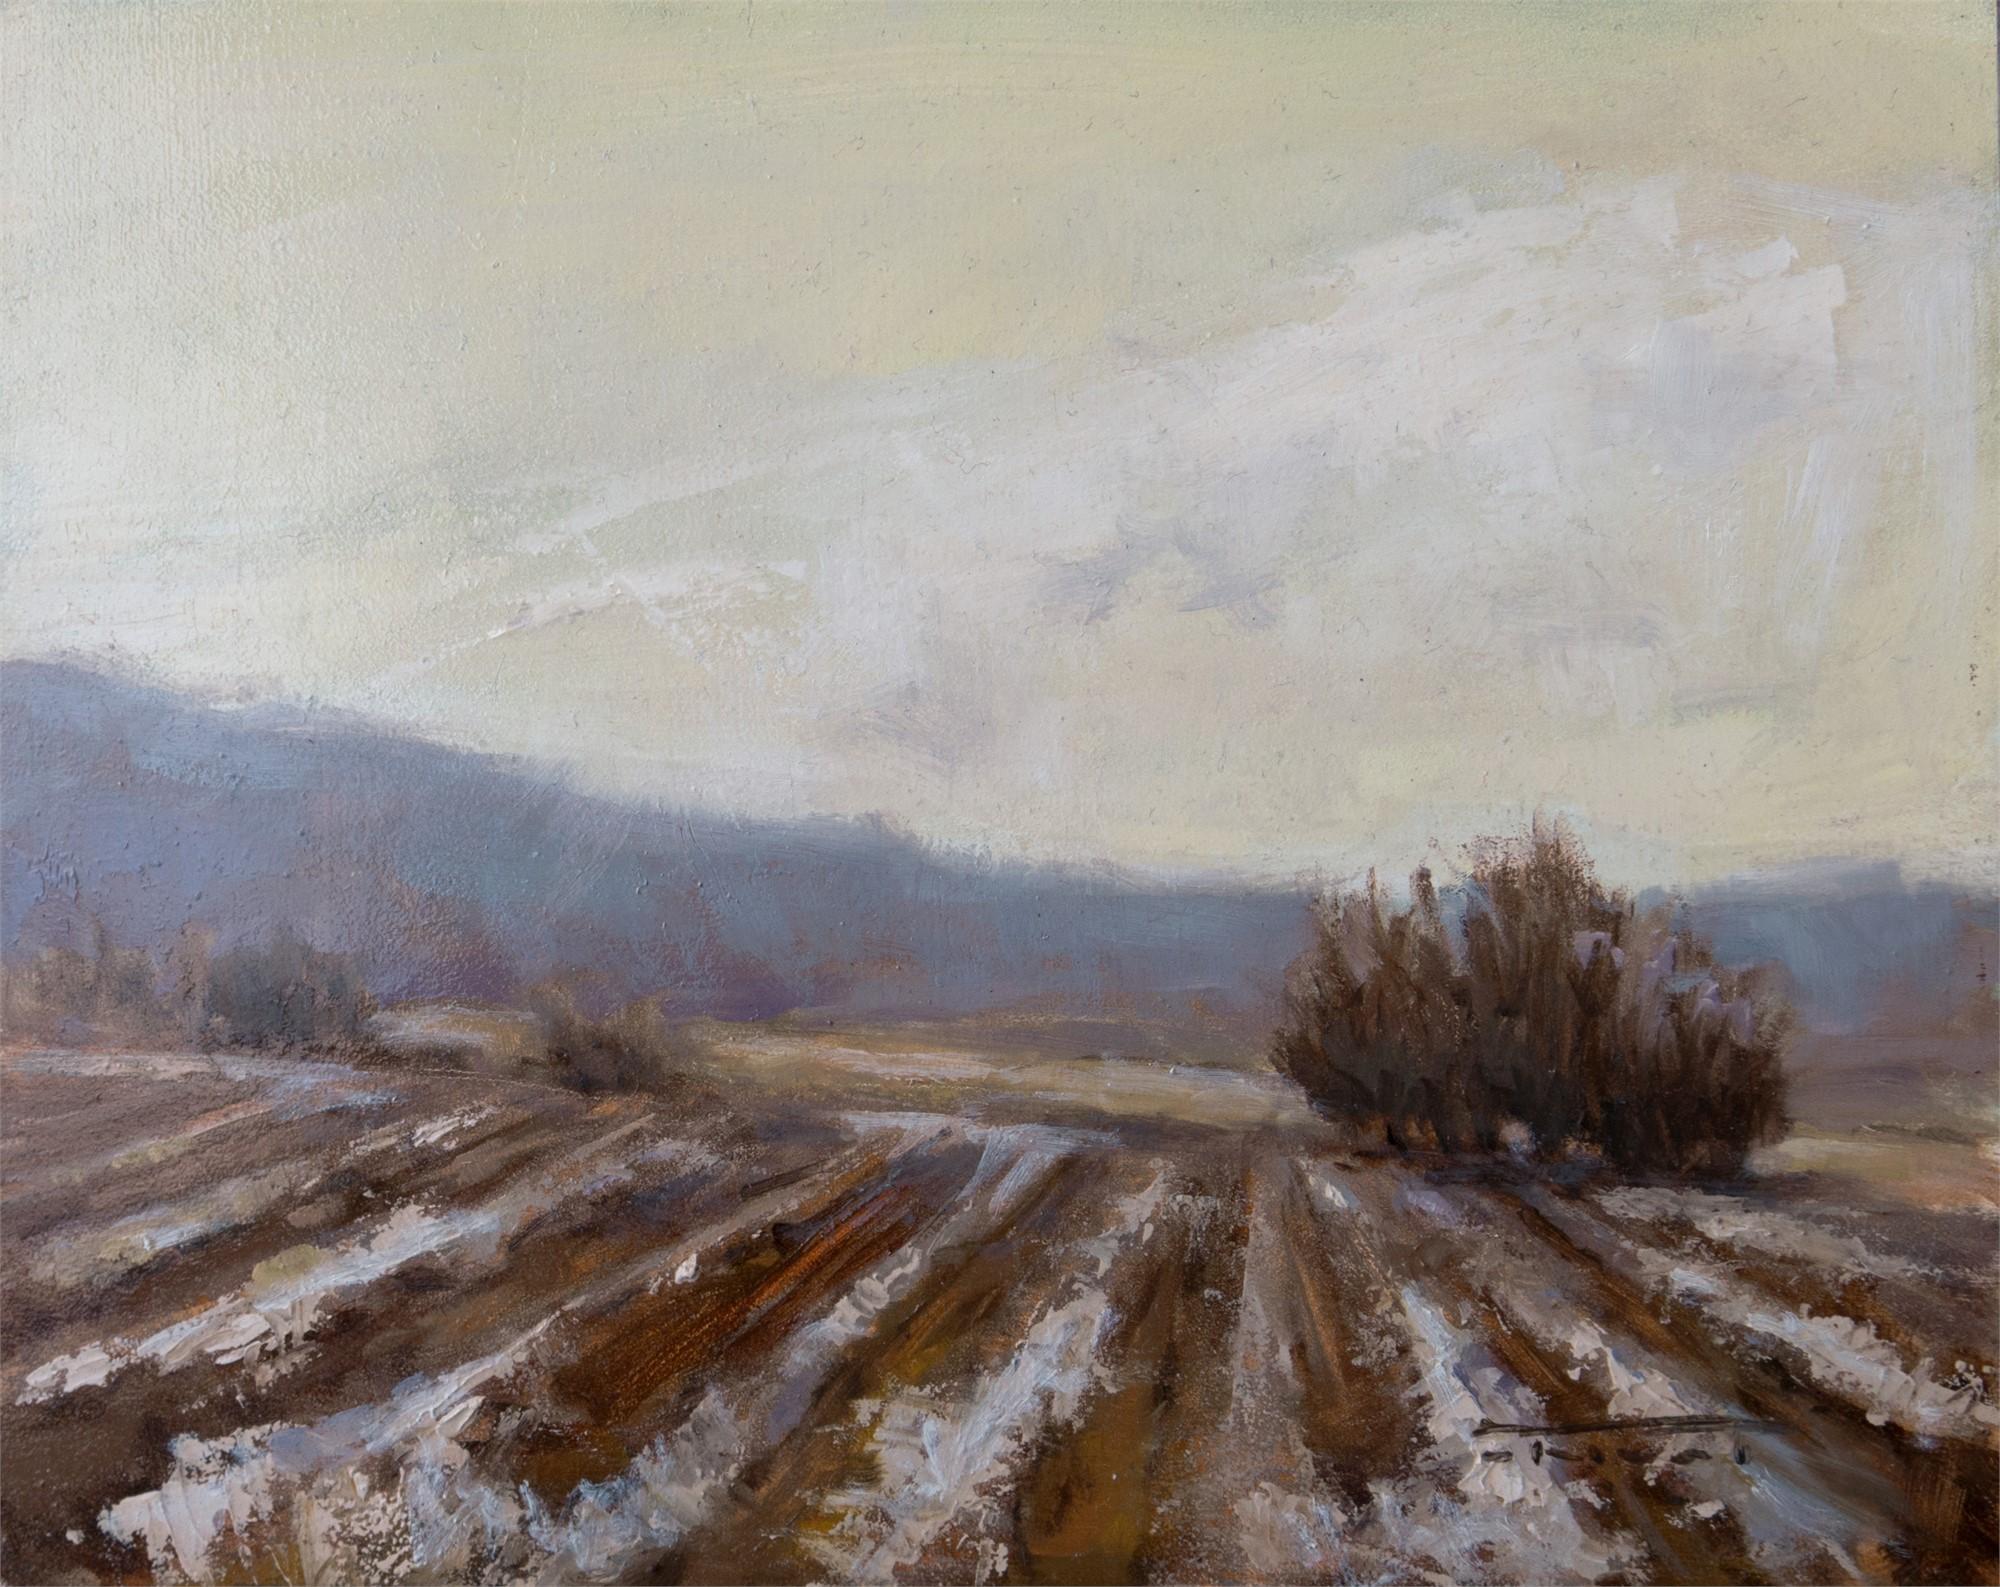 Winter Furrows by Jane Hunt